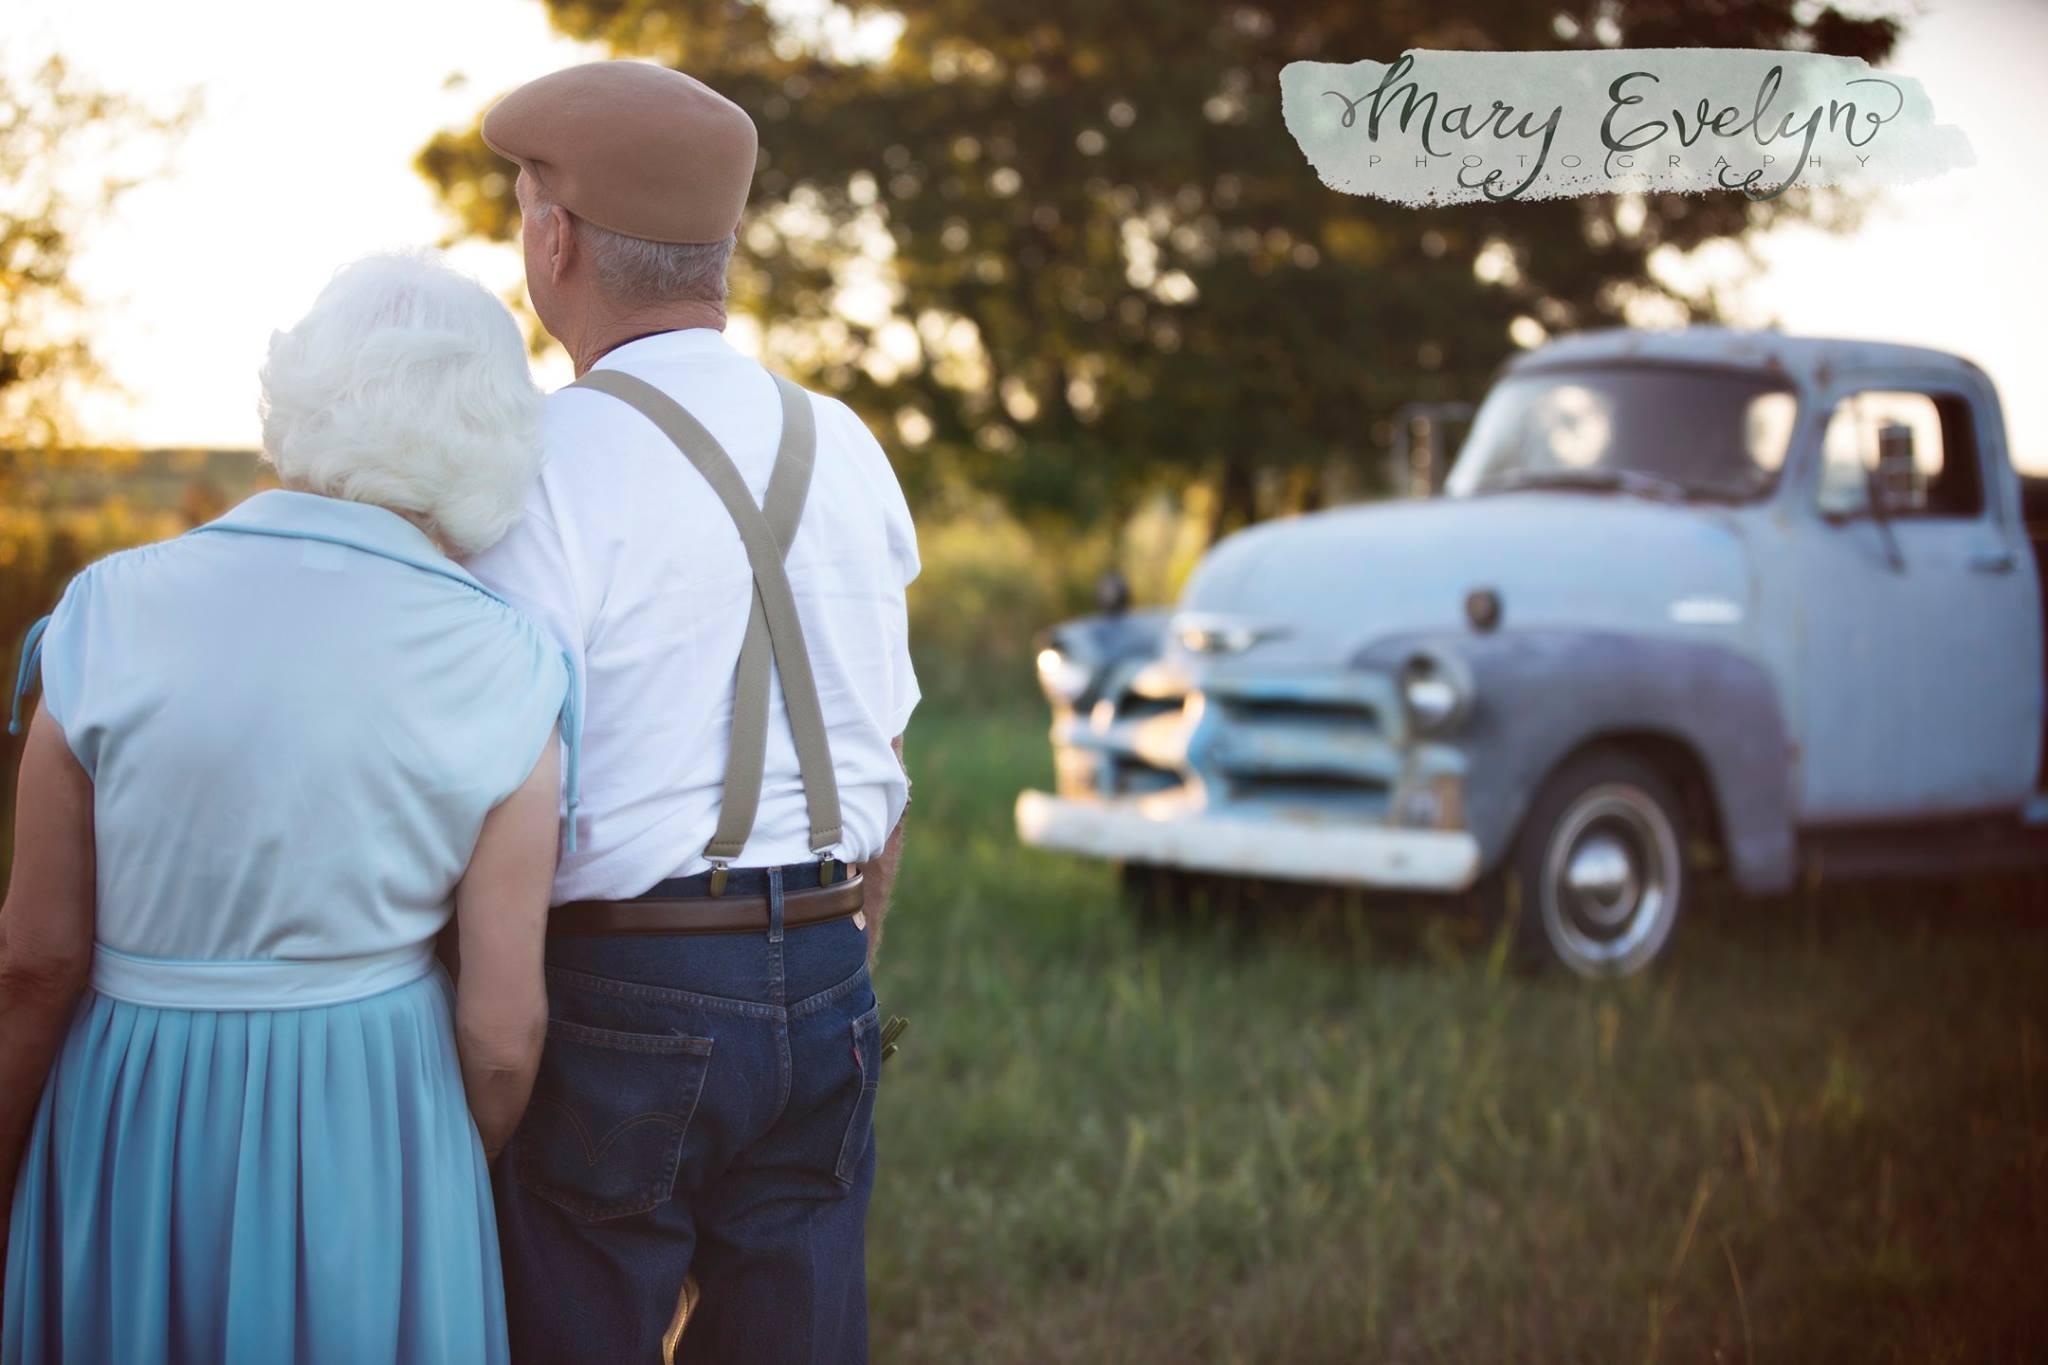 На Элморах настоящая одежда 1940-х годов, и они сняты на фоне ретроавтомобиля.